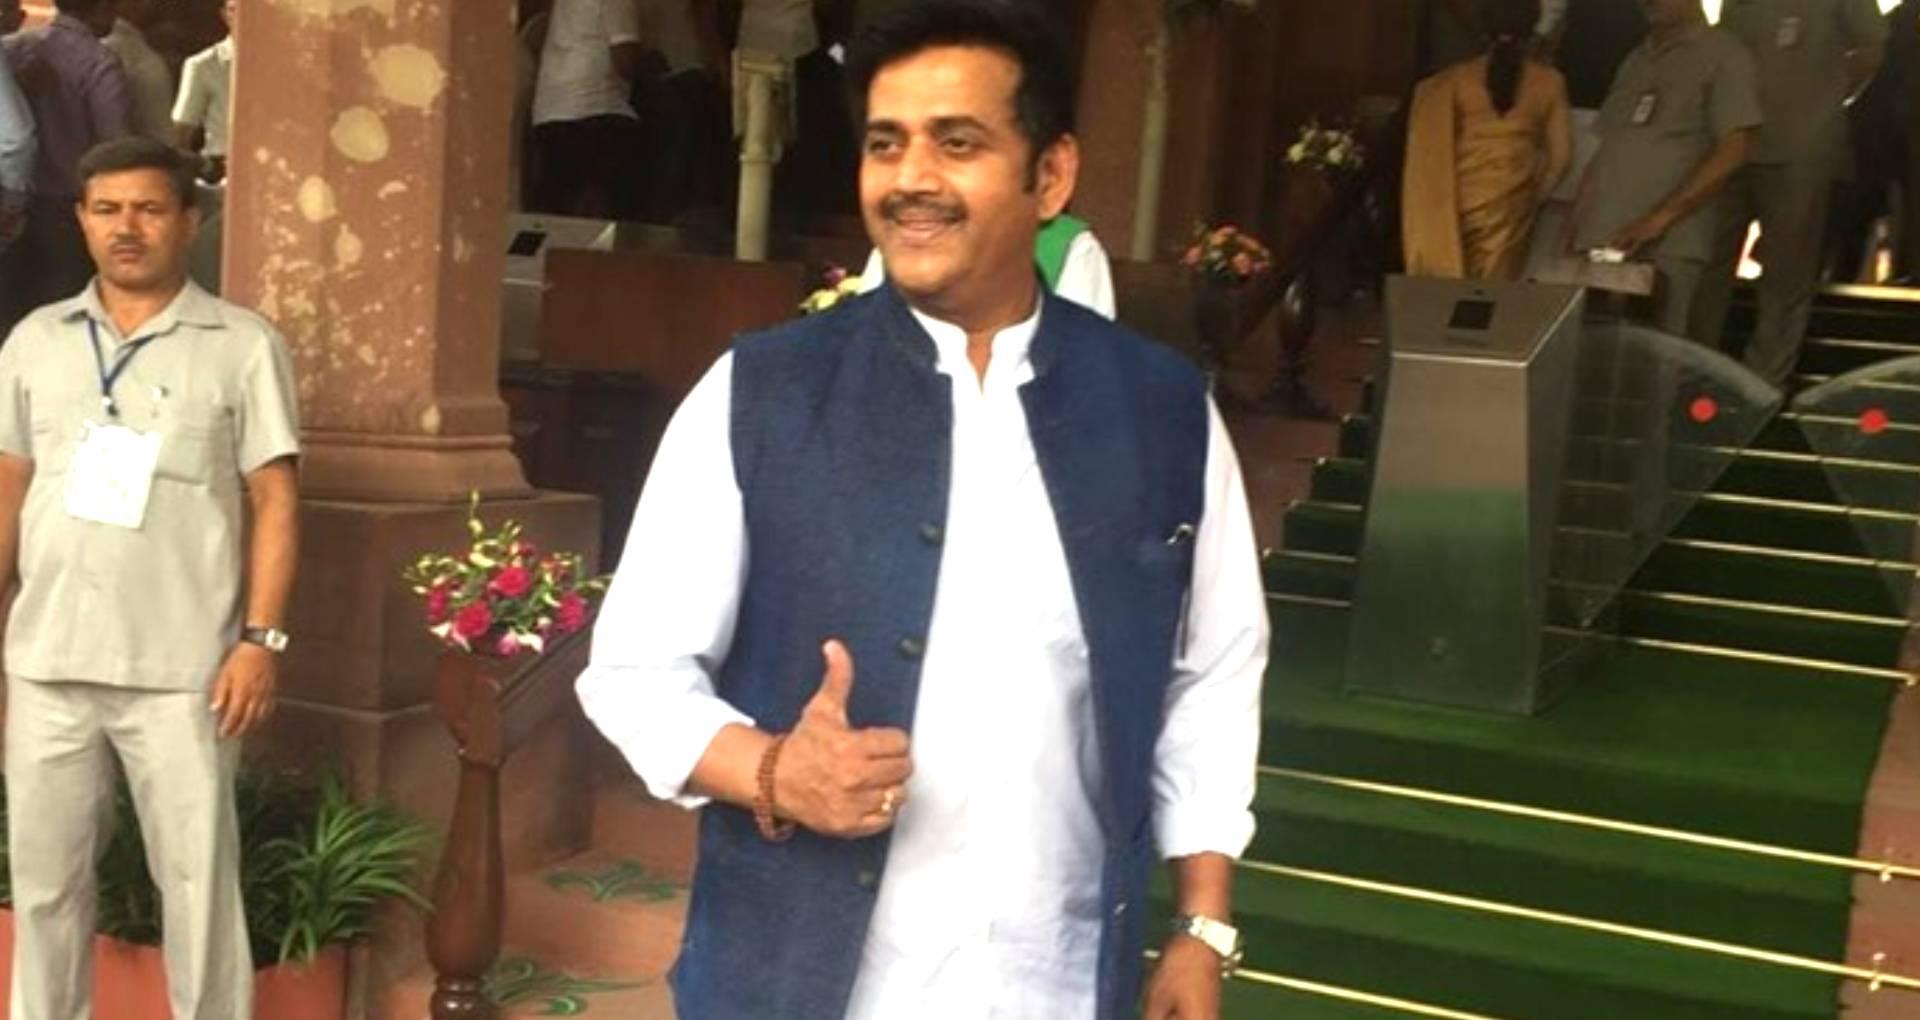 सांसद रवि किशन ने लोकसभा में भोजपुरी को आठवीं अनुसूची में शामिल करने की मांग, पीएम मोदी को लेकर कही ये बात